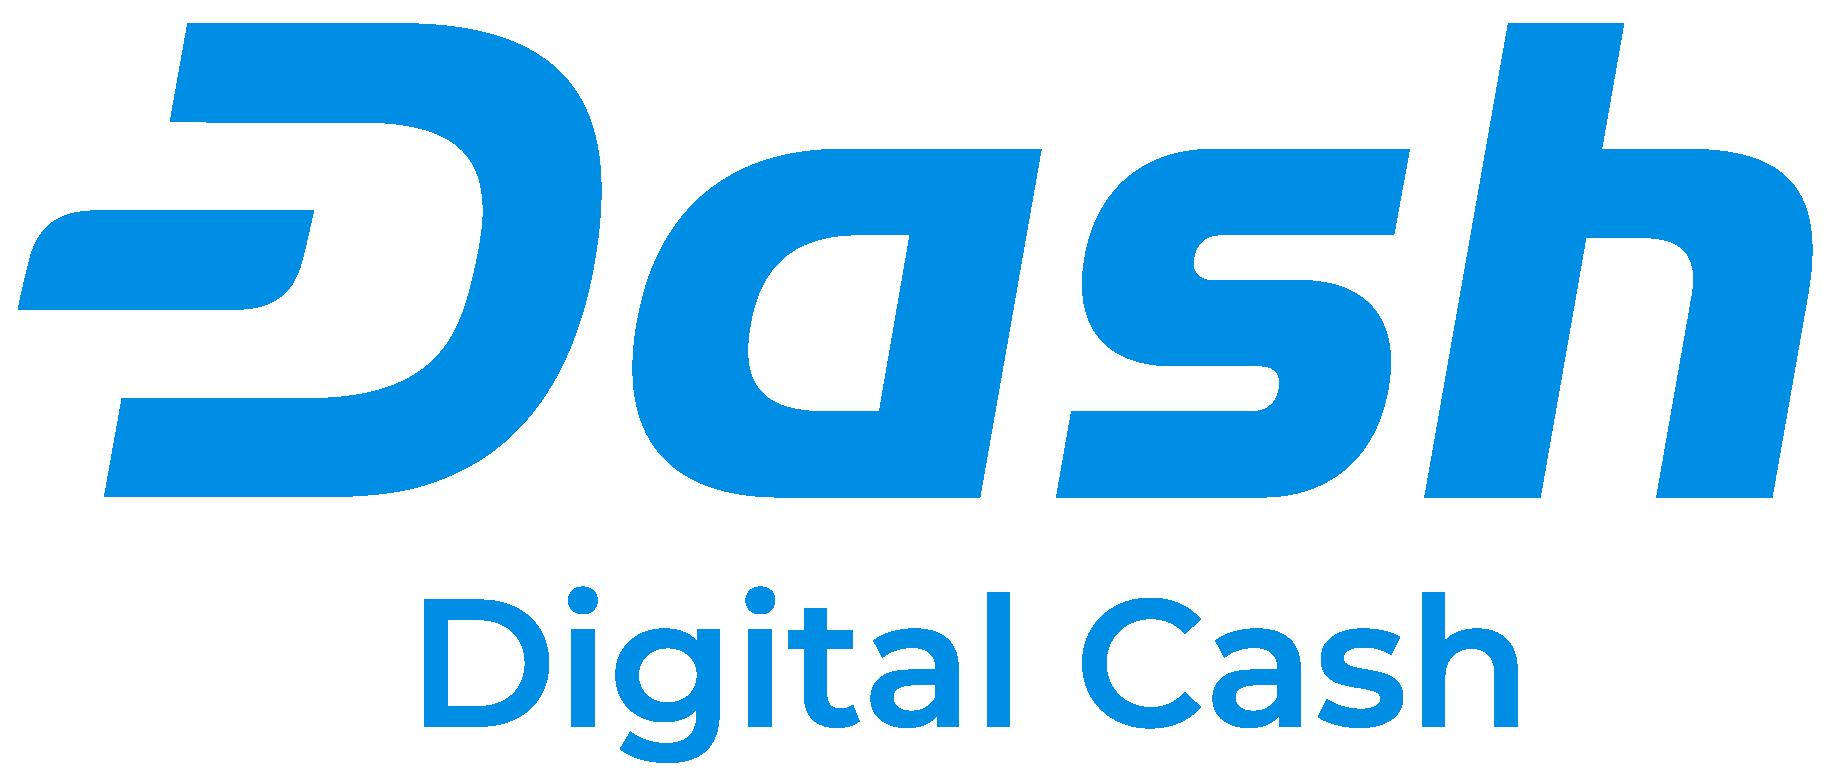 Brand Assets - Dash